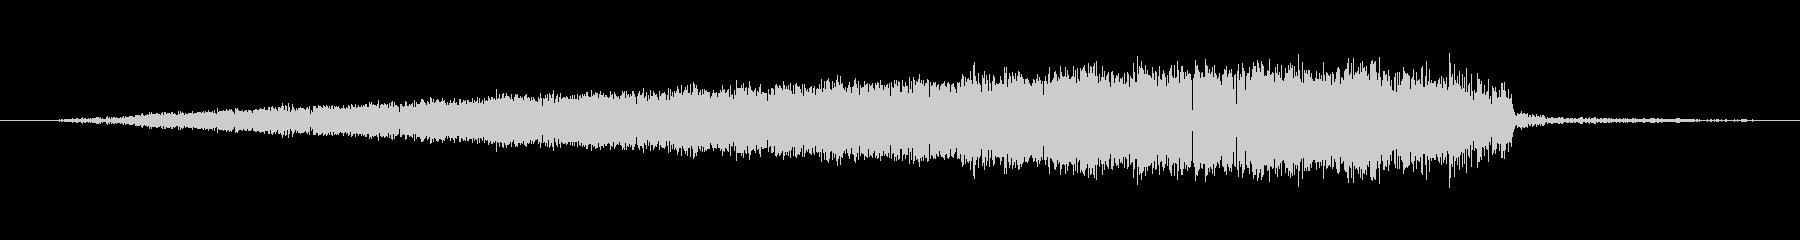 シューッという音EC07_87_5の未再生の波形